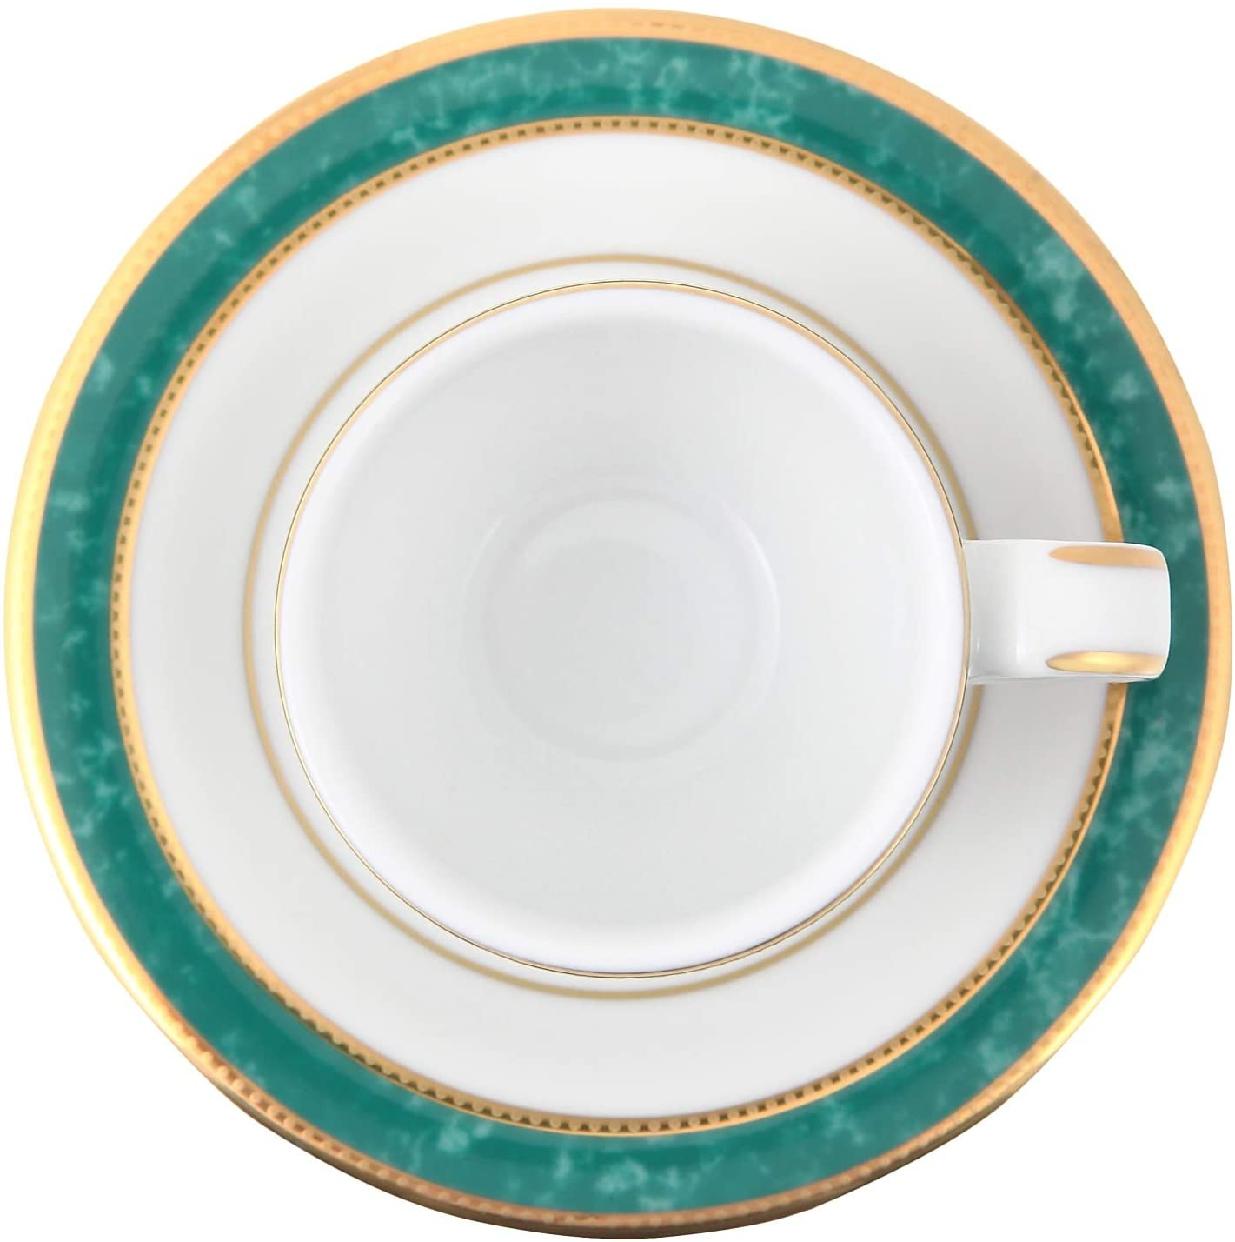 CANION WITS(キャニオンウィッツ) VESUVIO エスプレッソ デミタスカップ&ソーサー 9464の商品画像6